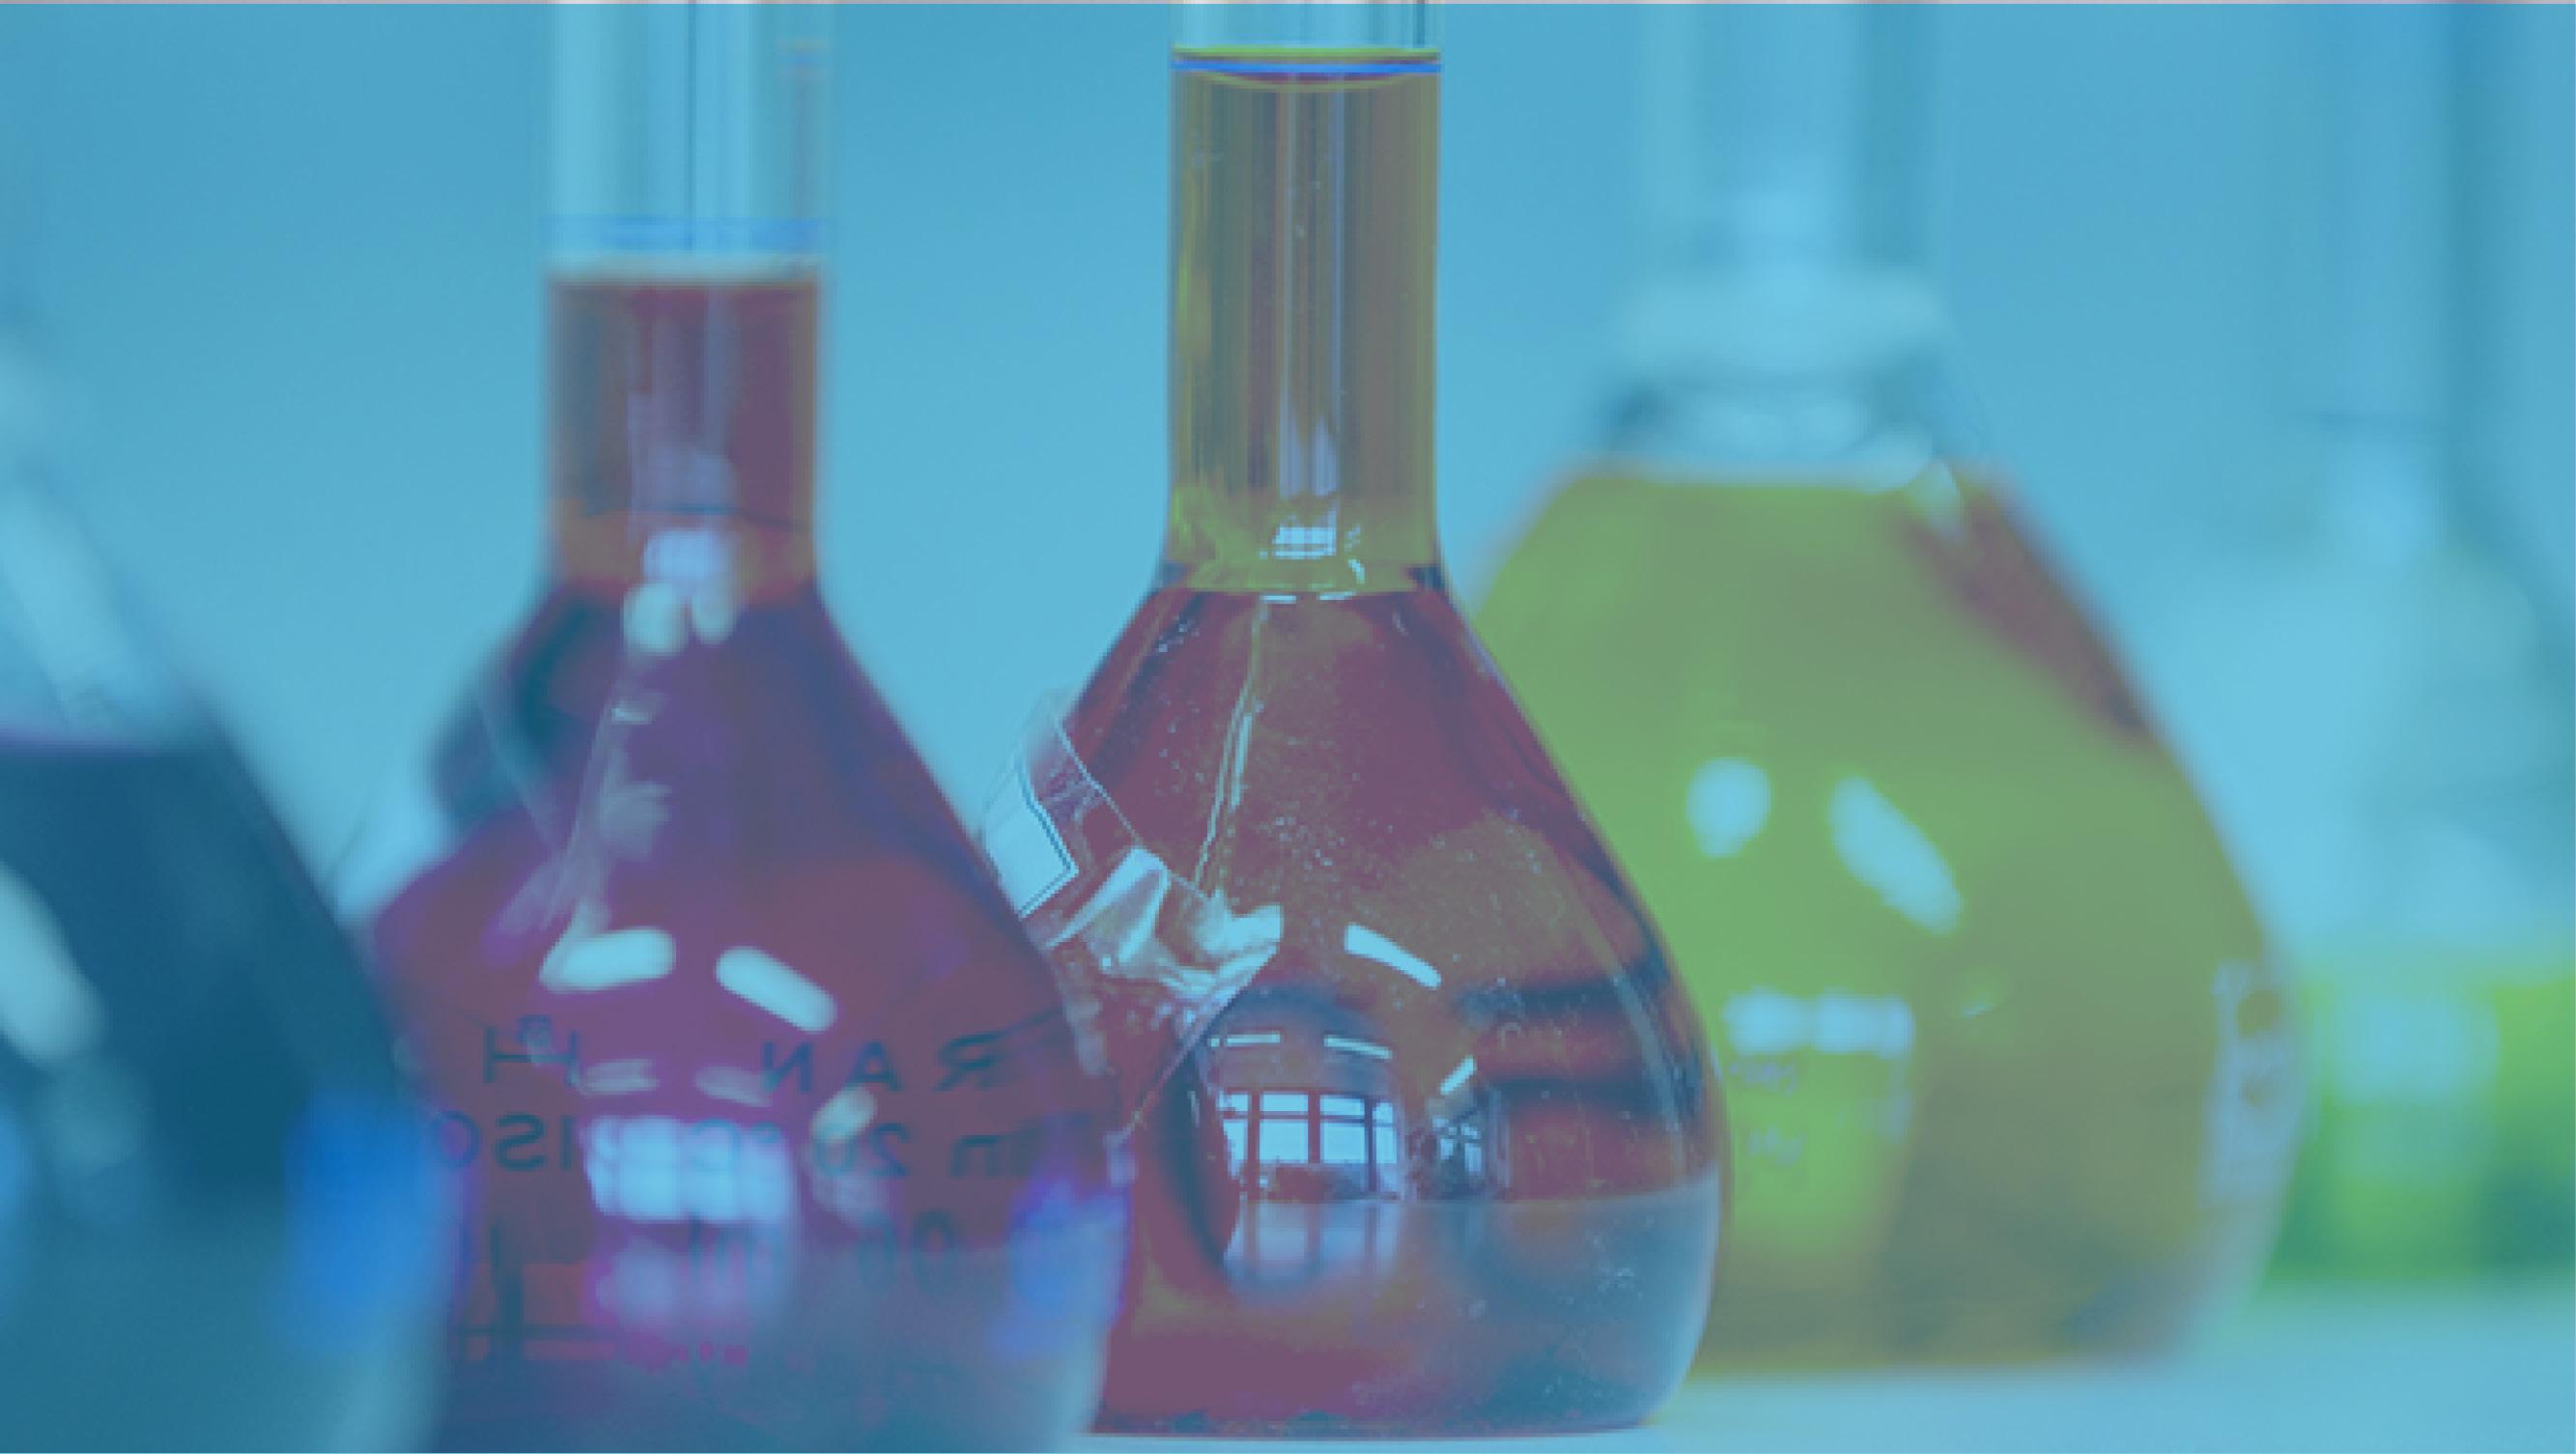 Reagenzgläser mit rötlich-orangen Flüssigkeiten